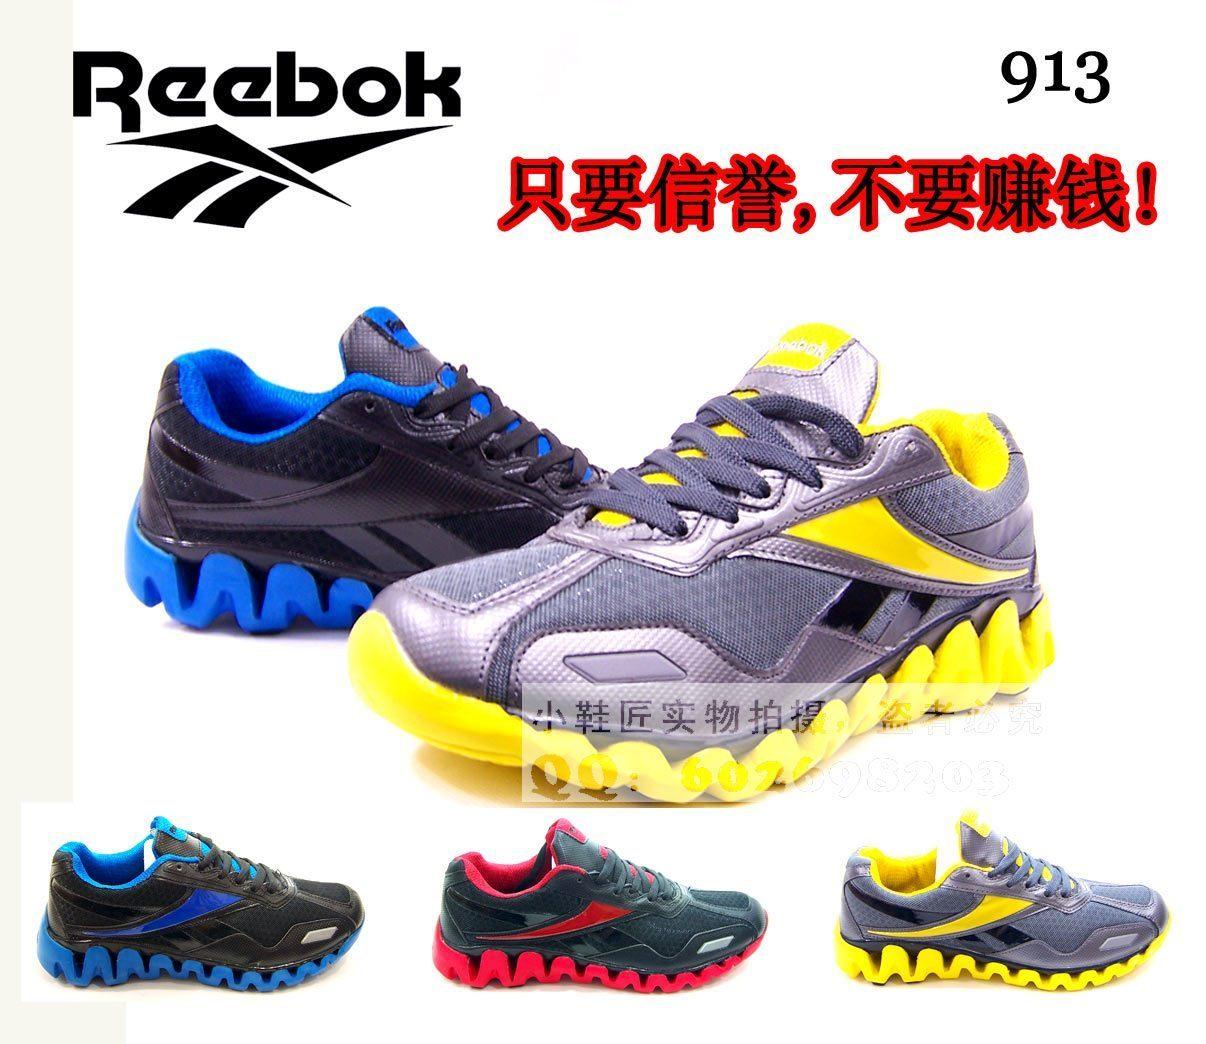 баскетбольные кроссовки Продажа Айверсон пару стоимость супер-ретро кроссовки носить обувь женская обувь мужская